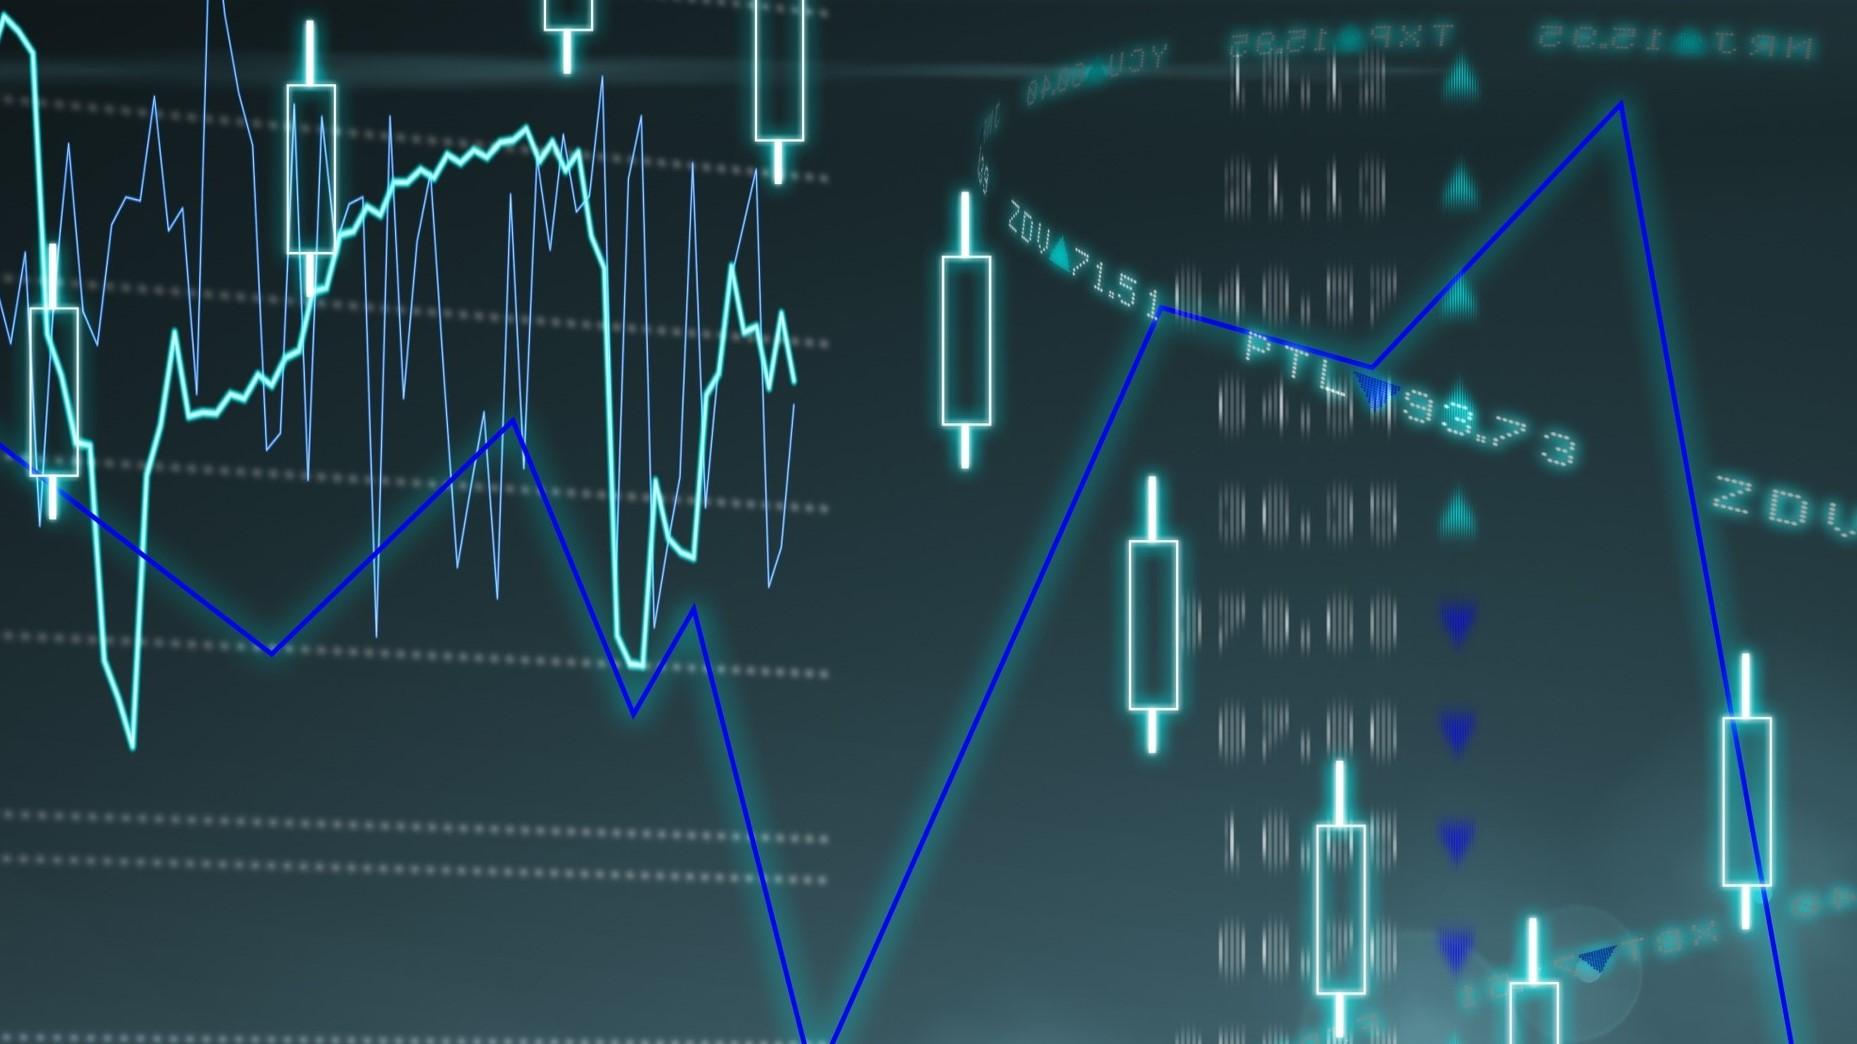 2027年全球移动电子商务增至6.6万亿美元 看得见的前景